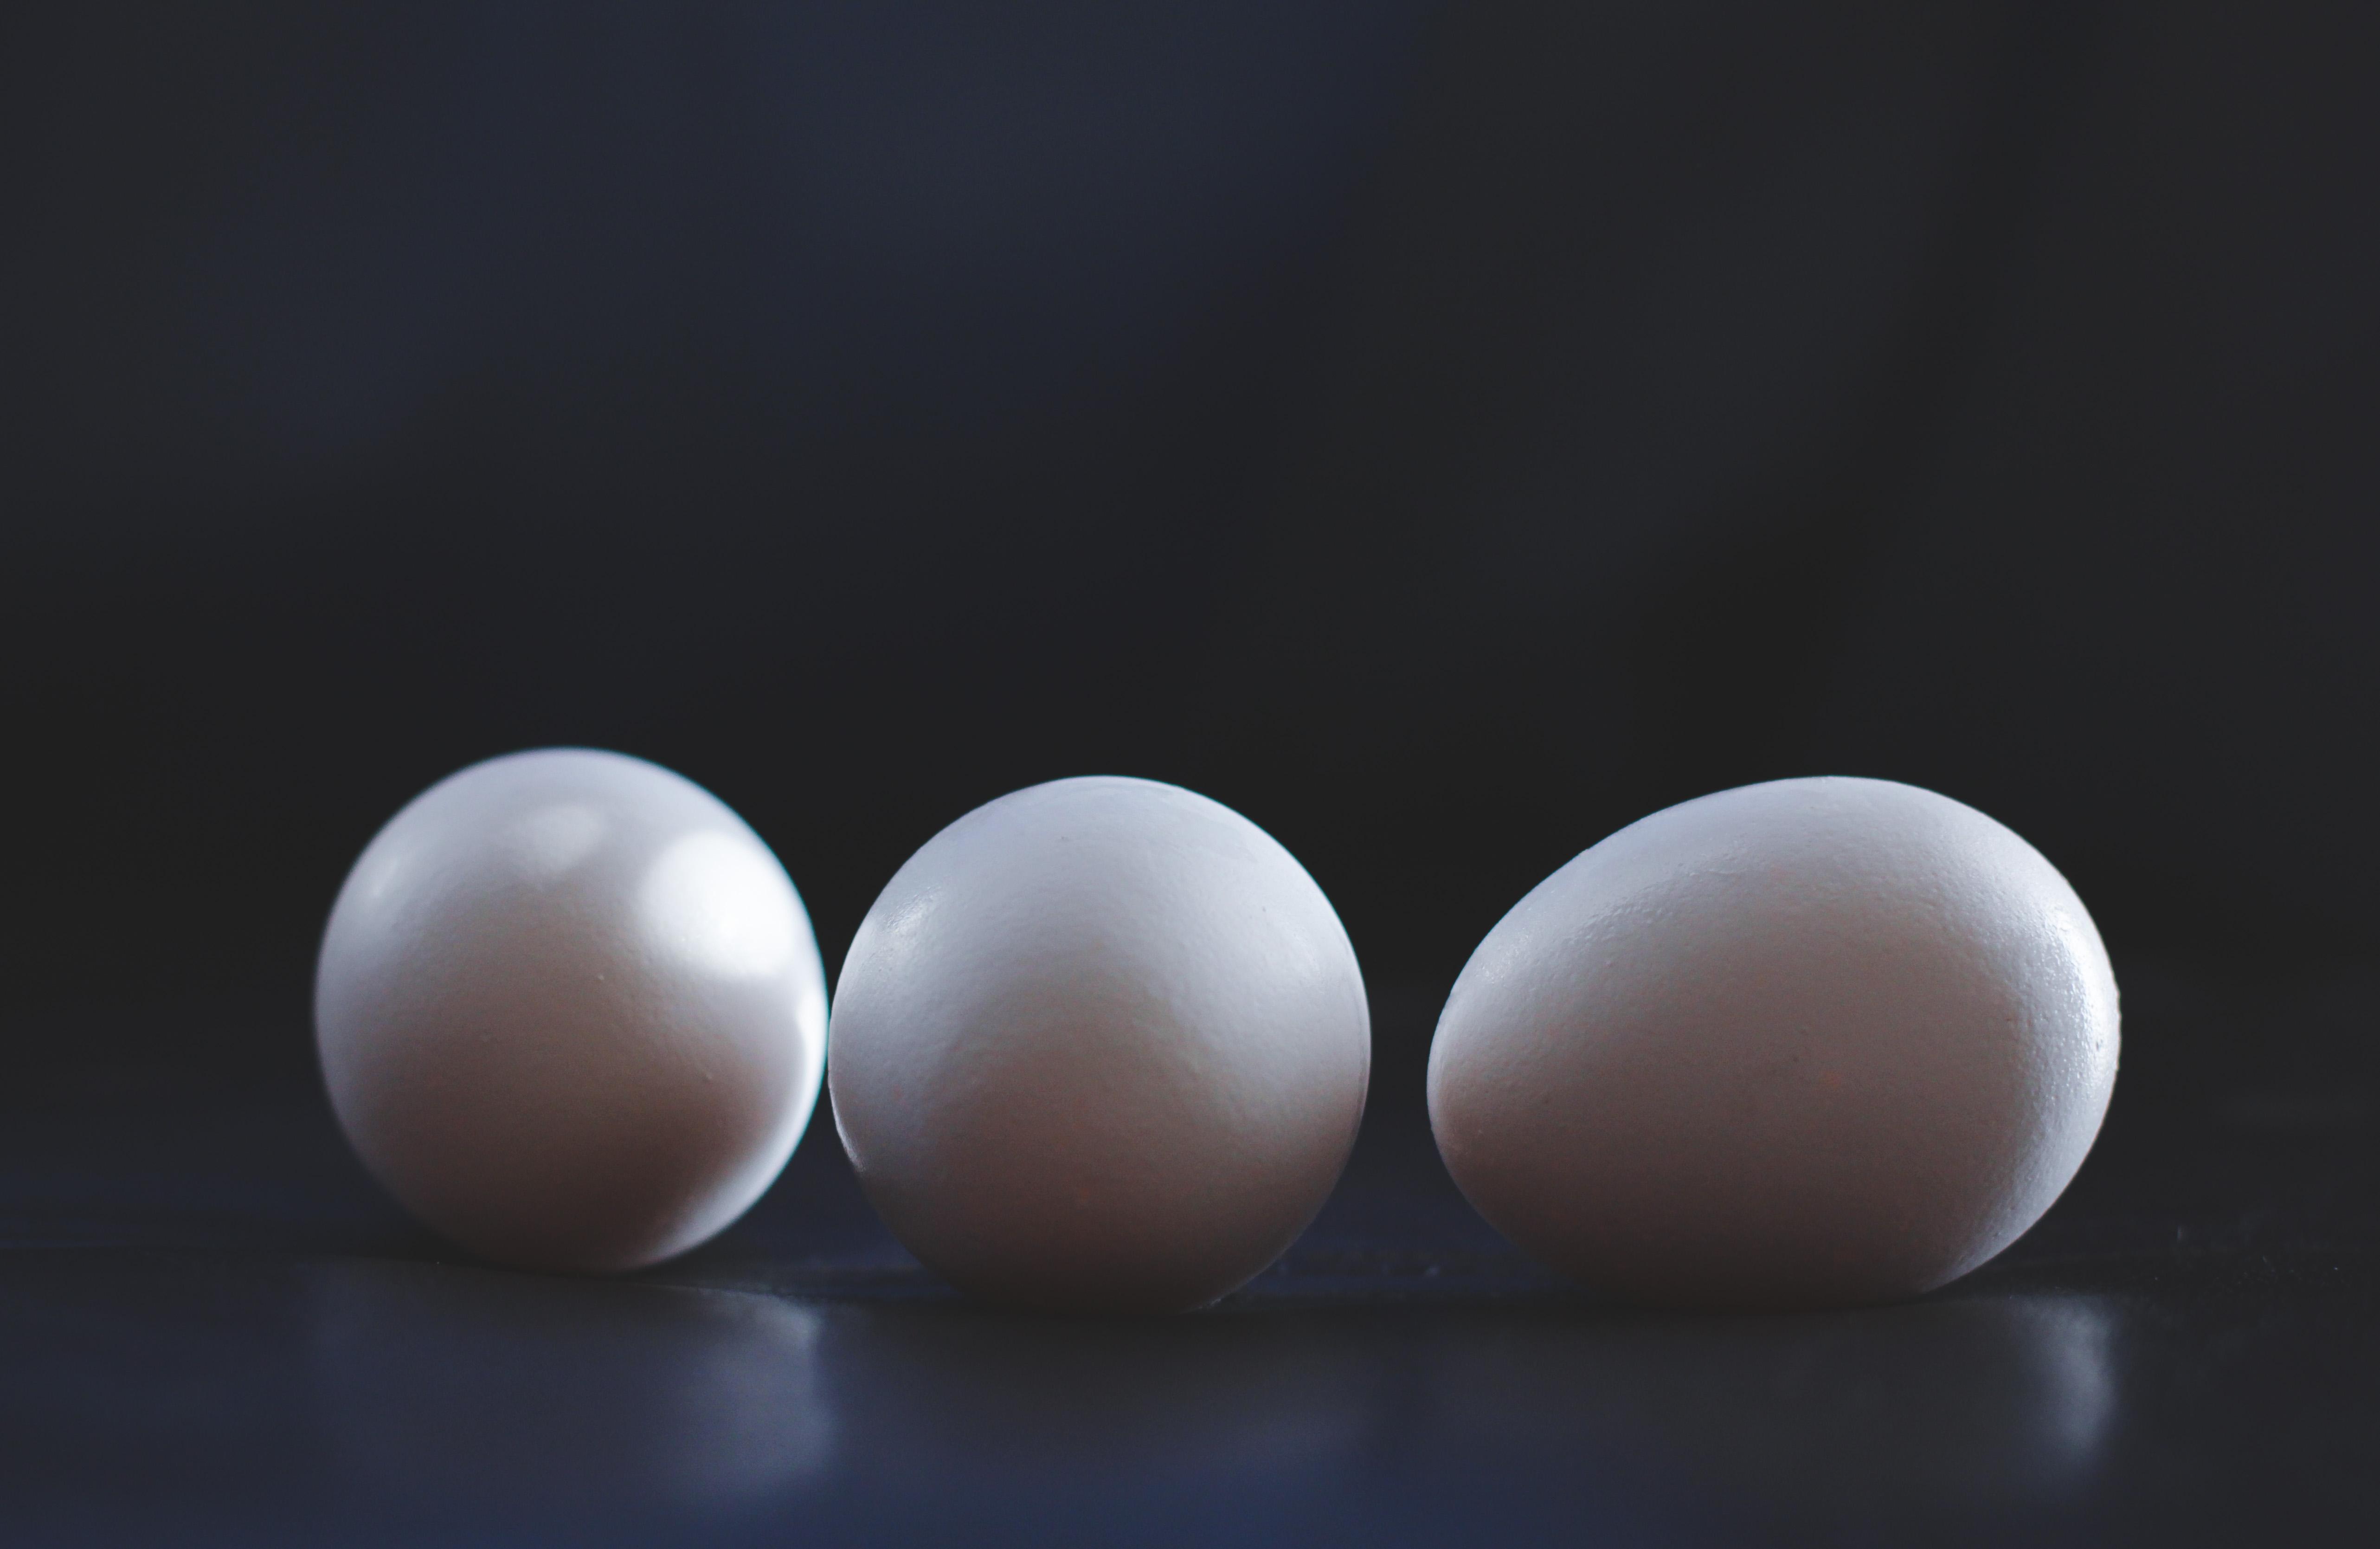 Hope You Enjoyed The Dramatic Egg Photos